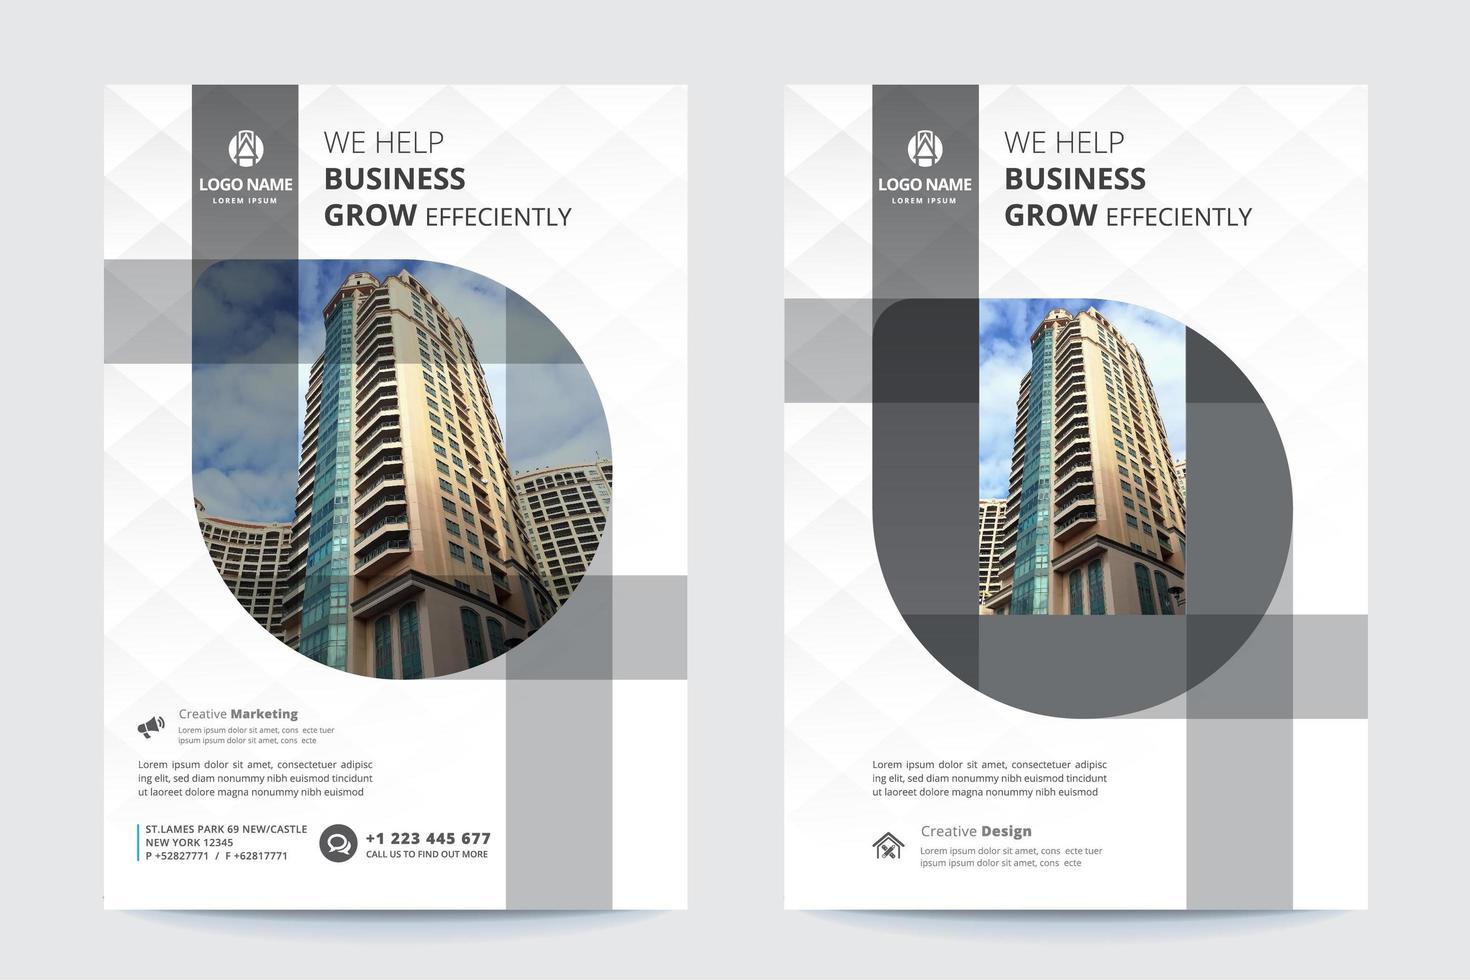 modelo de folheto de negócios cinza e branco vetor